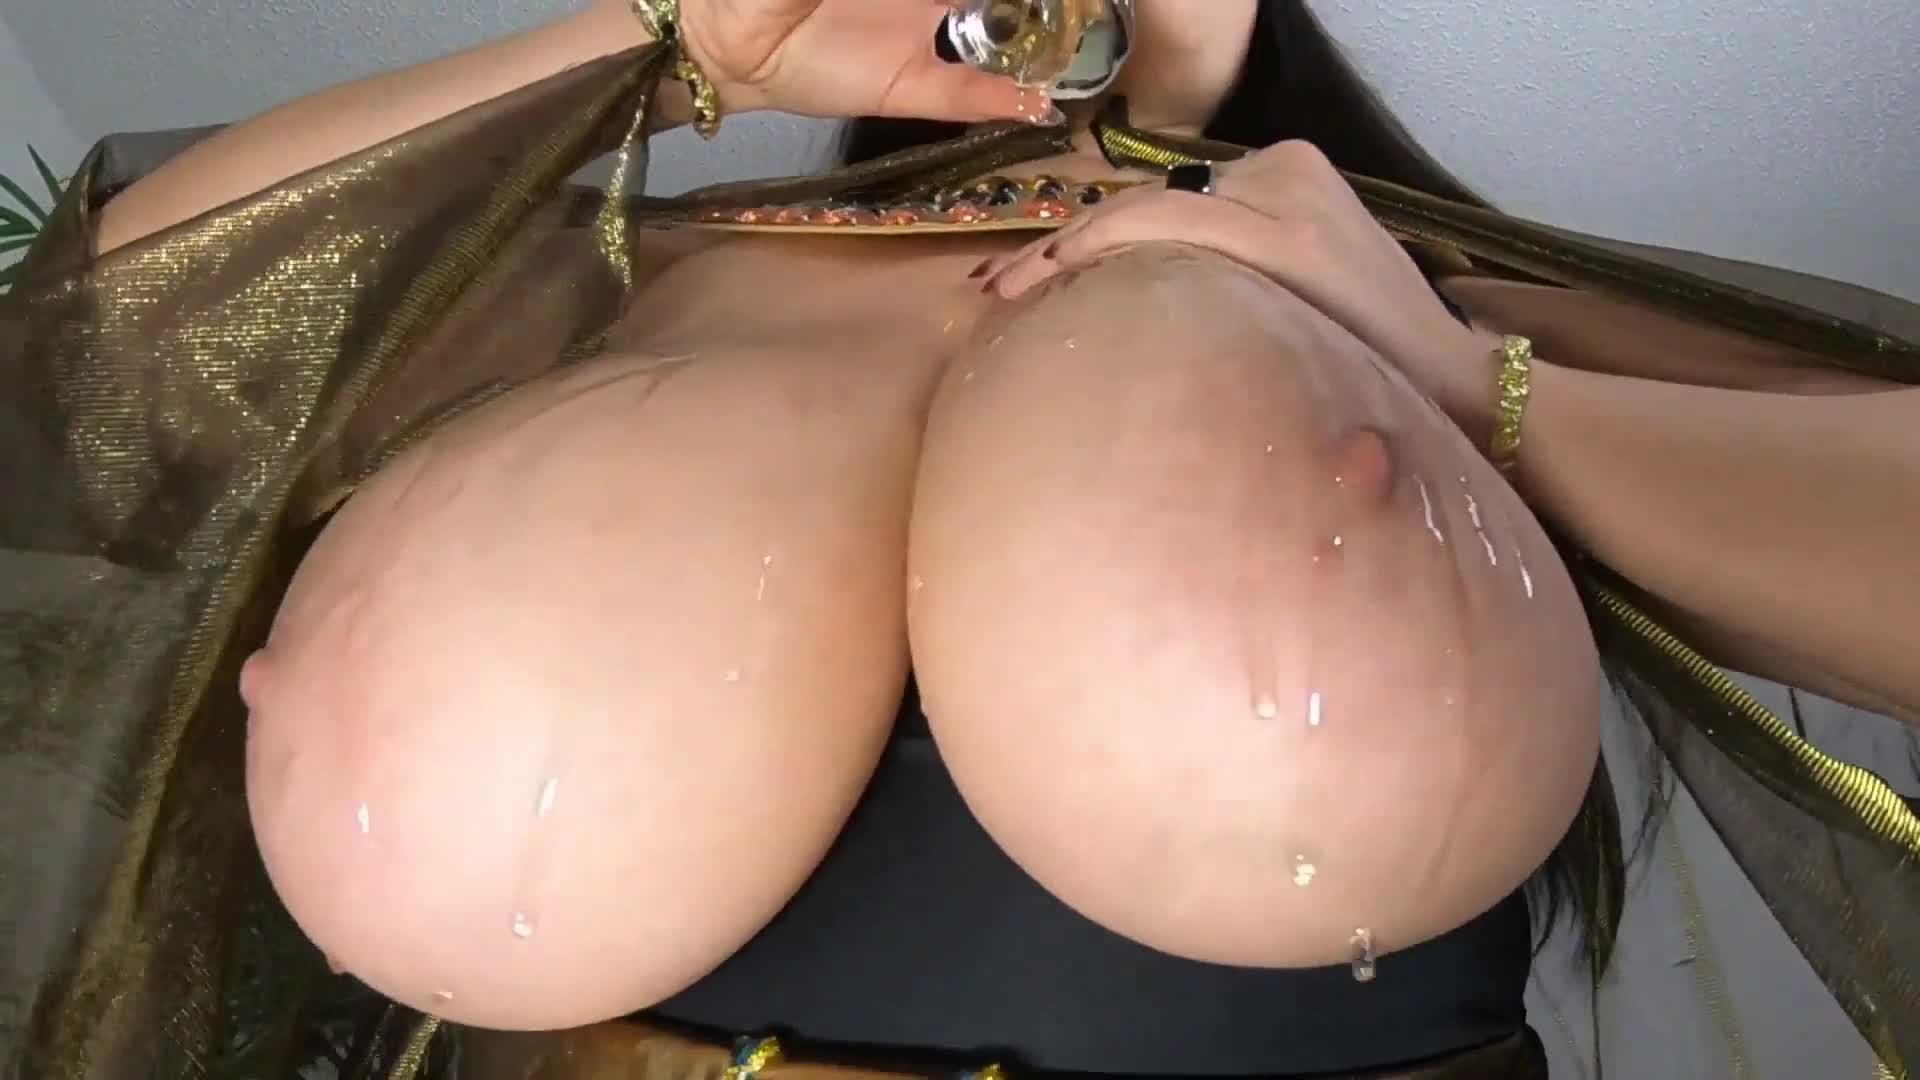 Pov Big Tits Amateur Riding